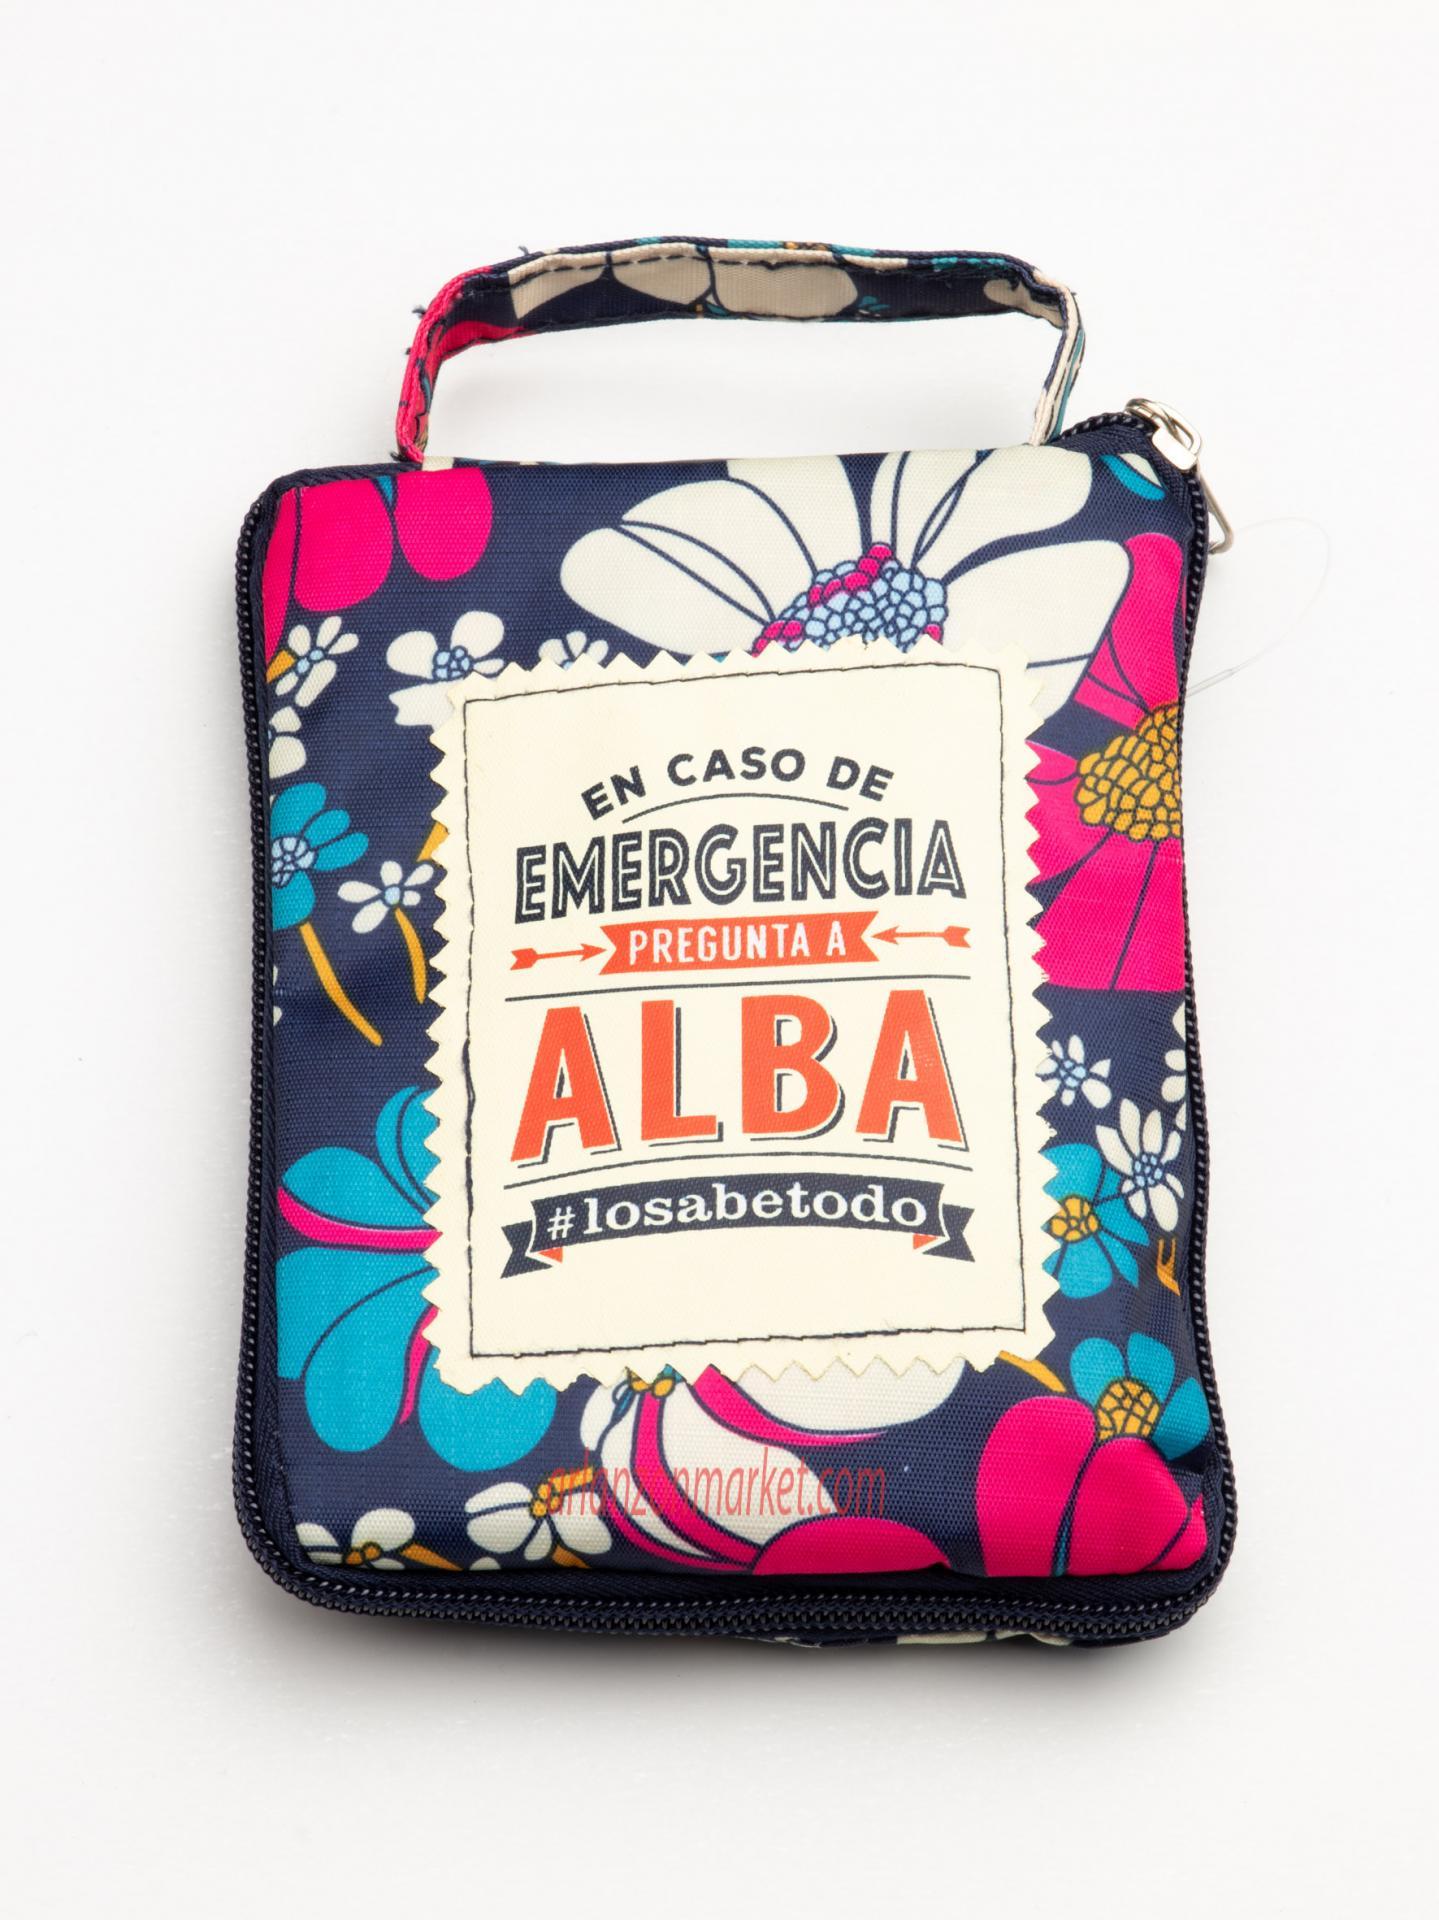 Bolsa con mensaje ALBA